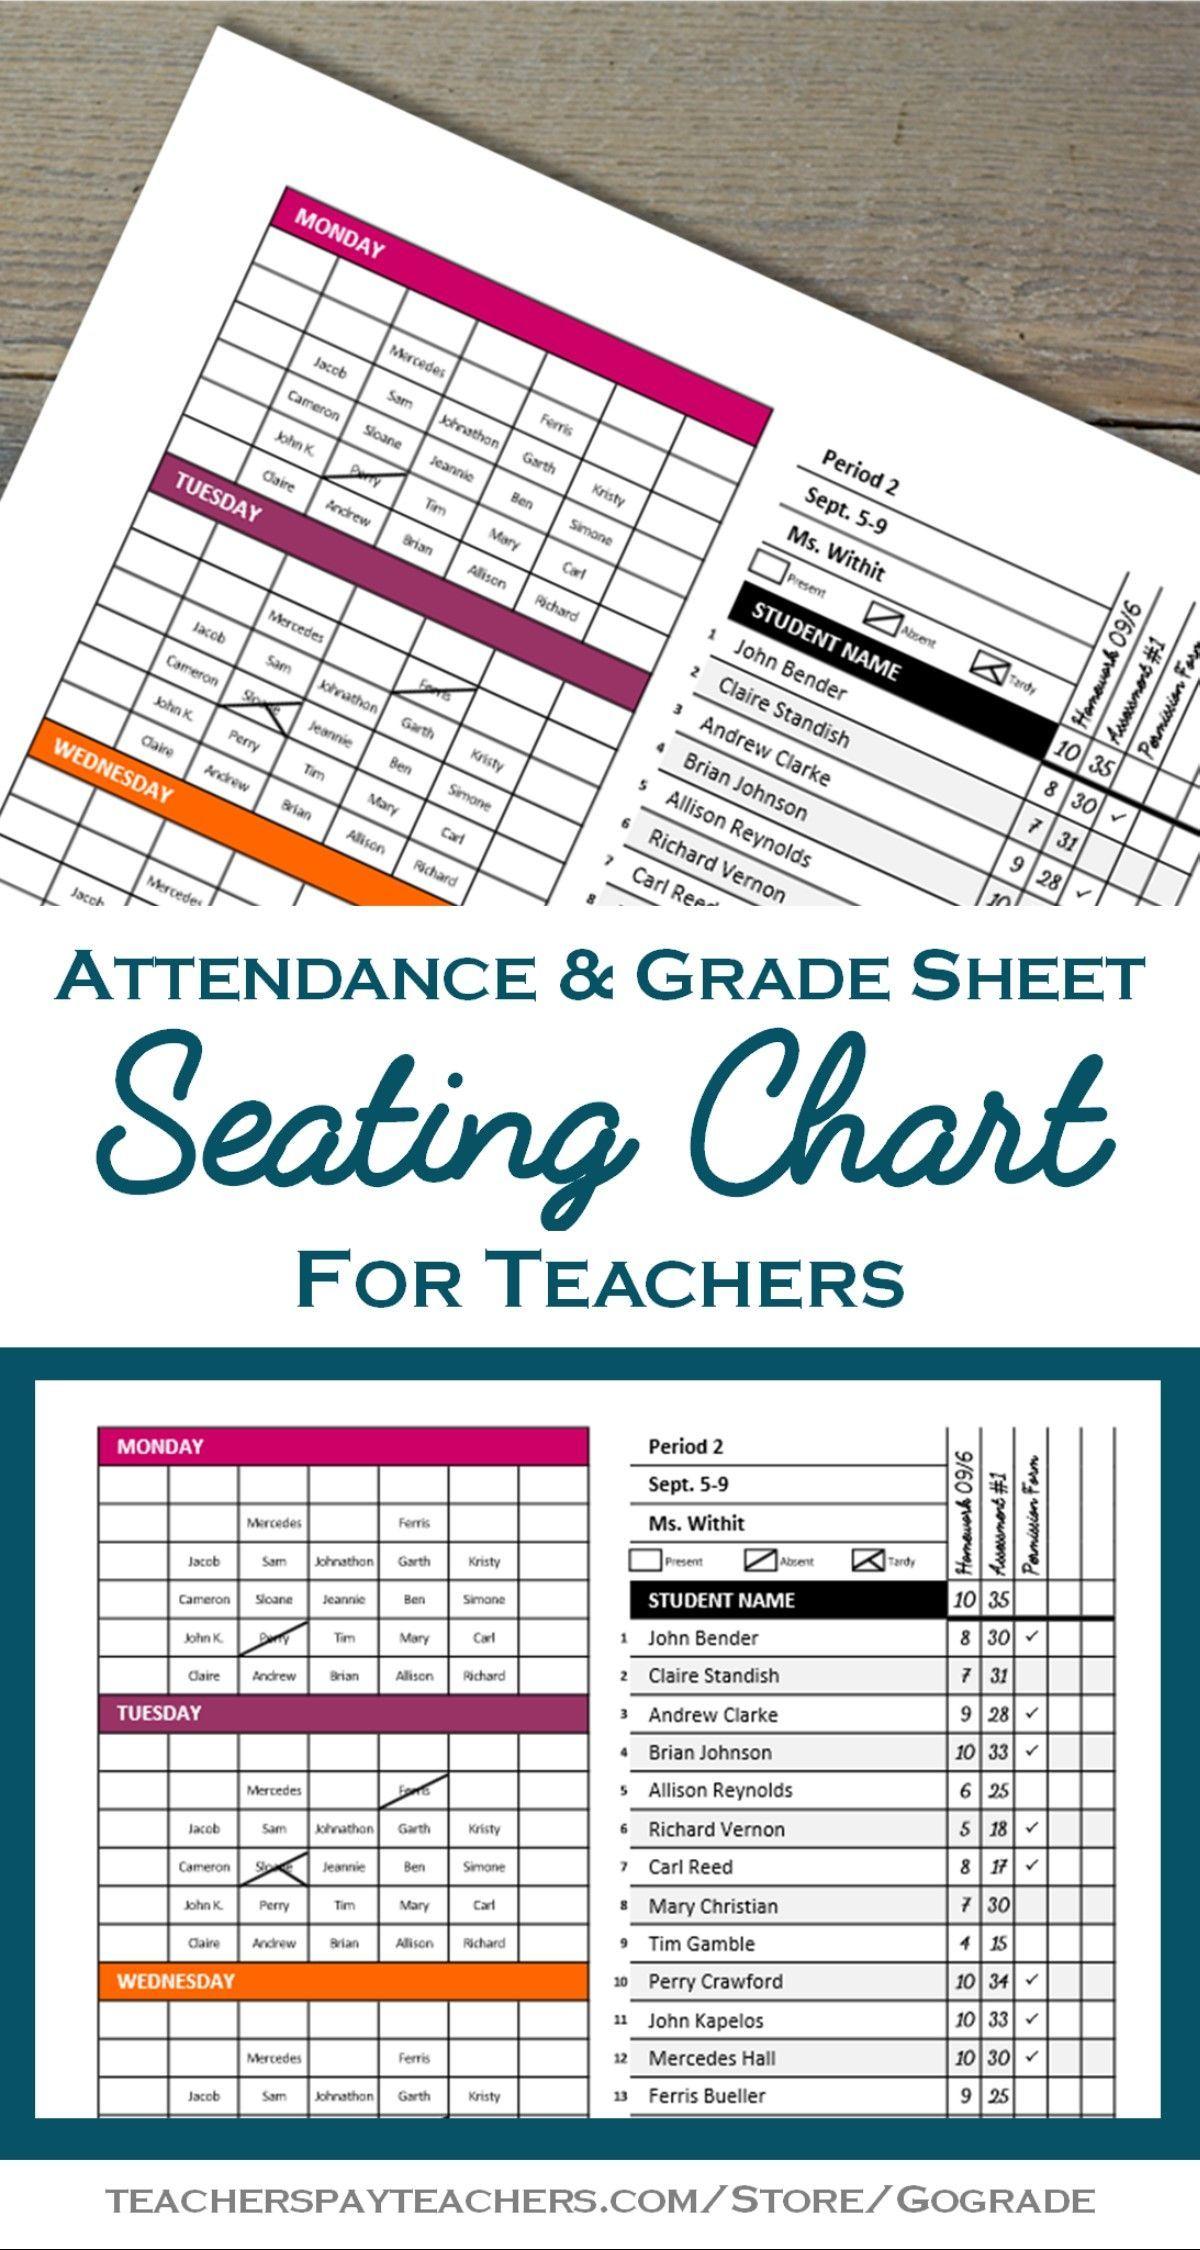 Classroom Seating Chart Attendance Grade Sheet Behavior Tracking Template Seating Chart Classroom Teacher Binder Middle School Classroom